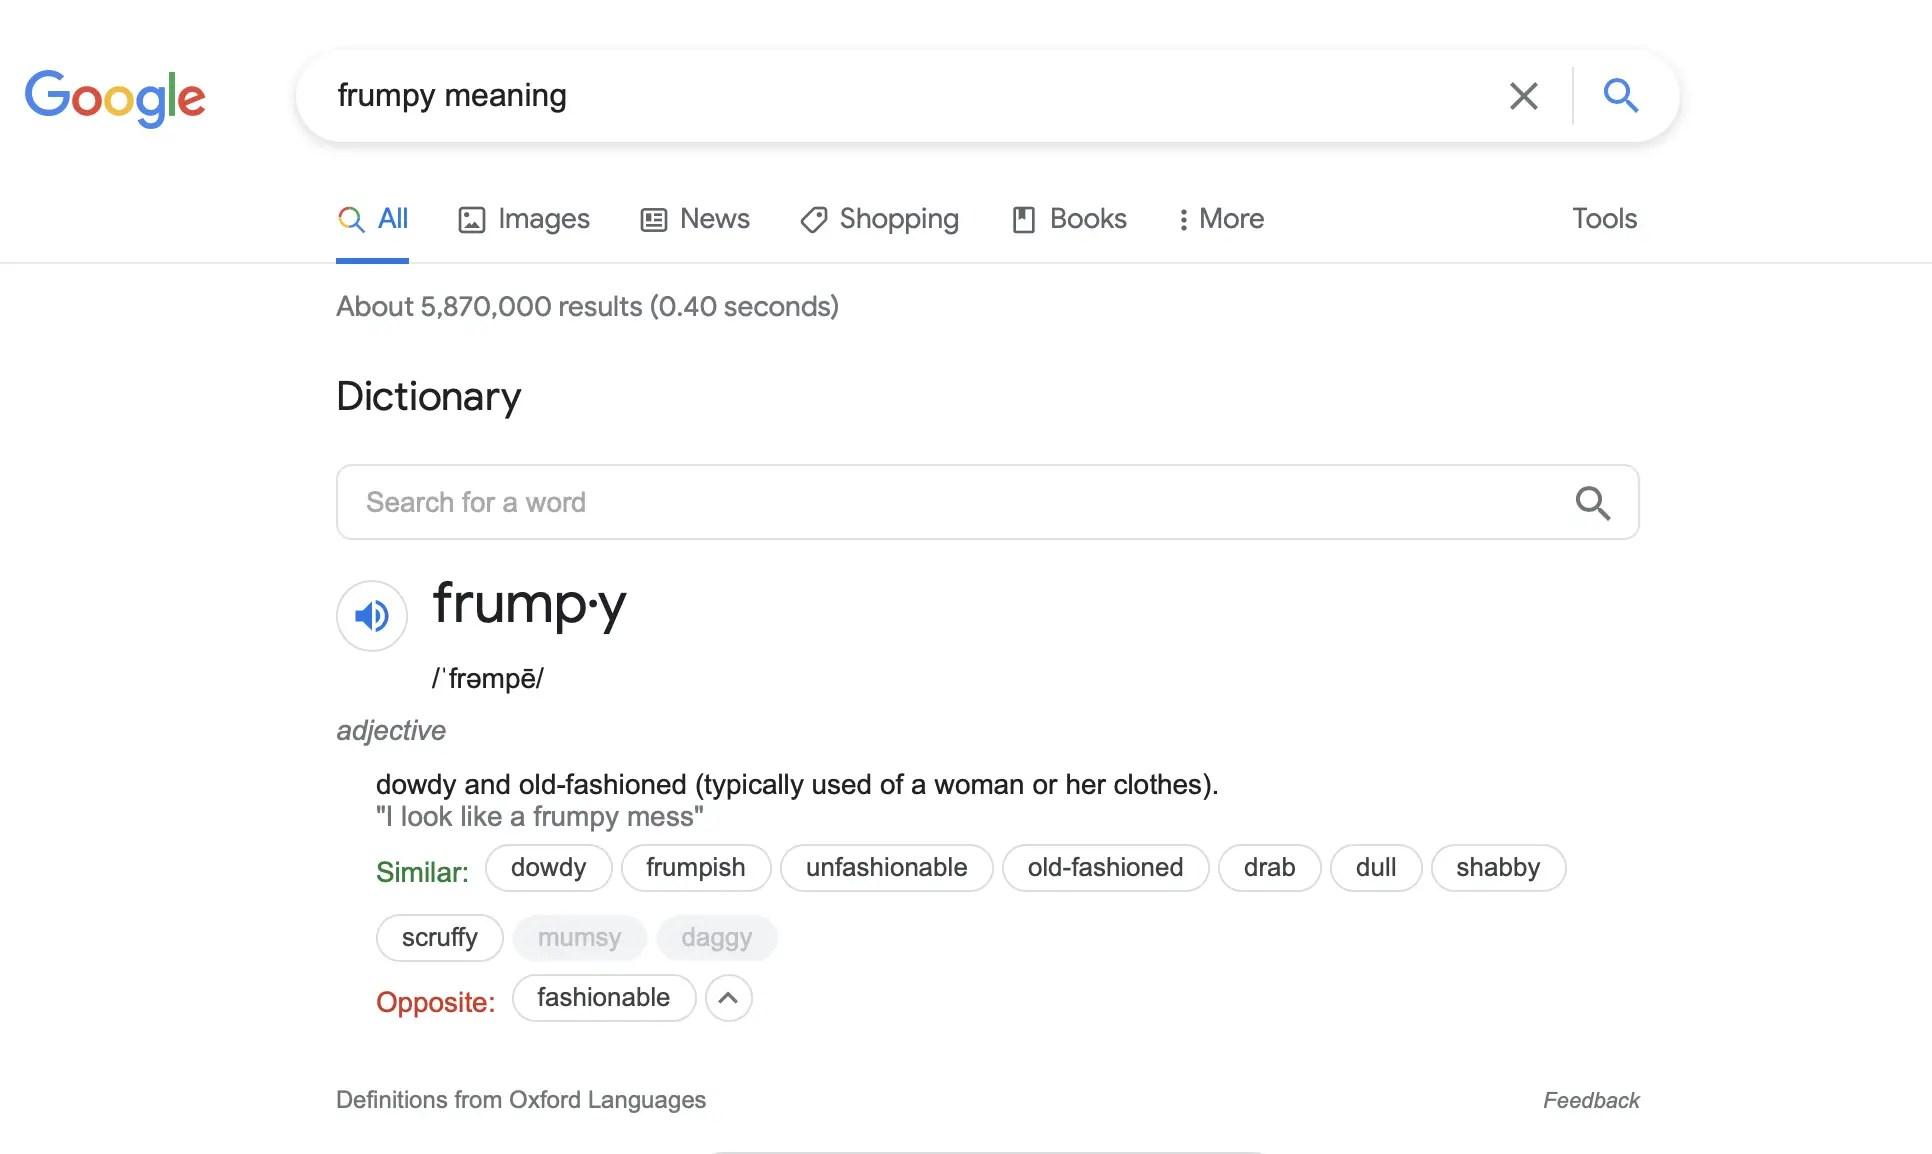 Definition of Frumpy